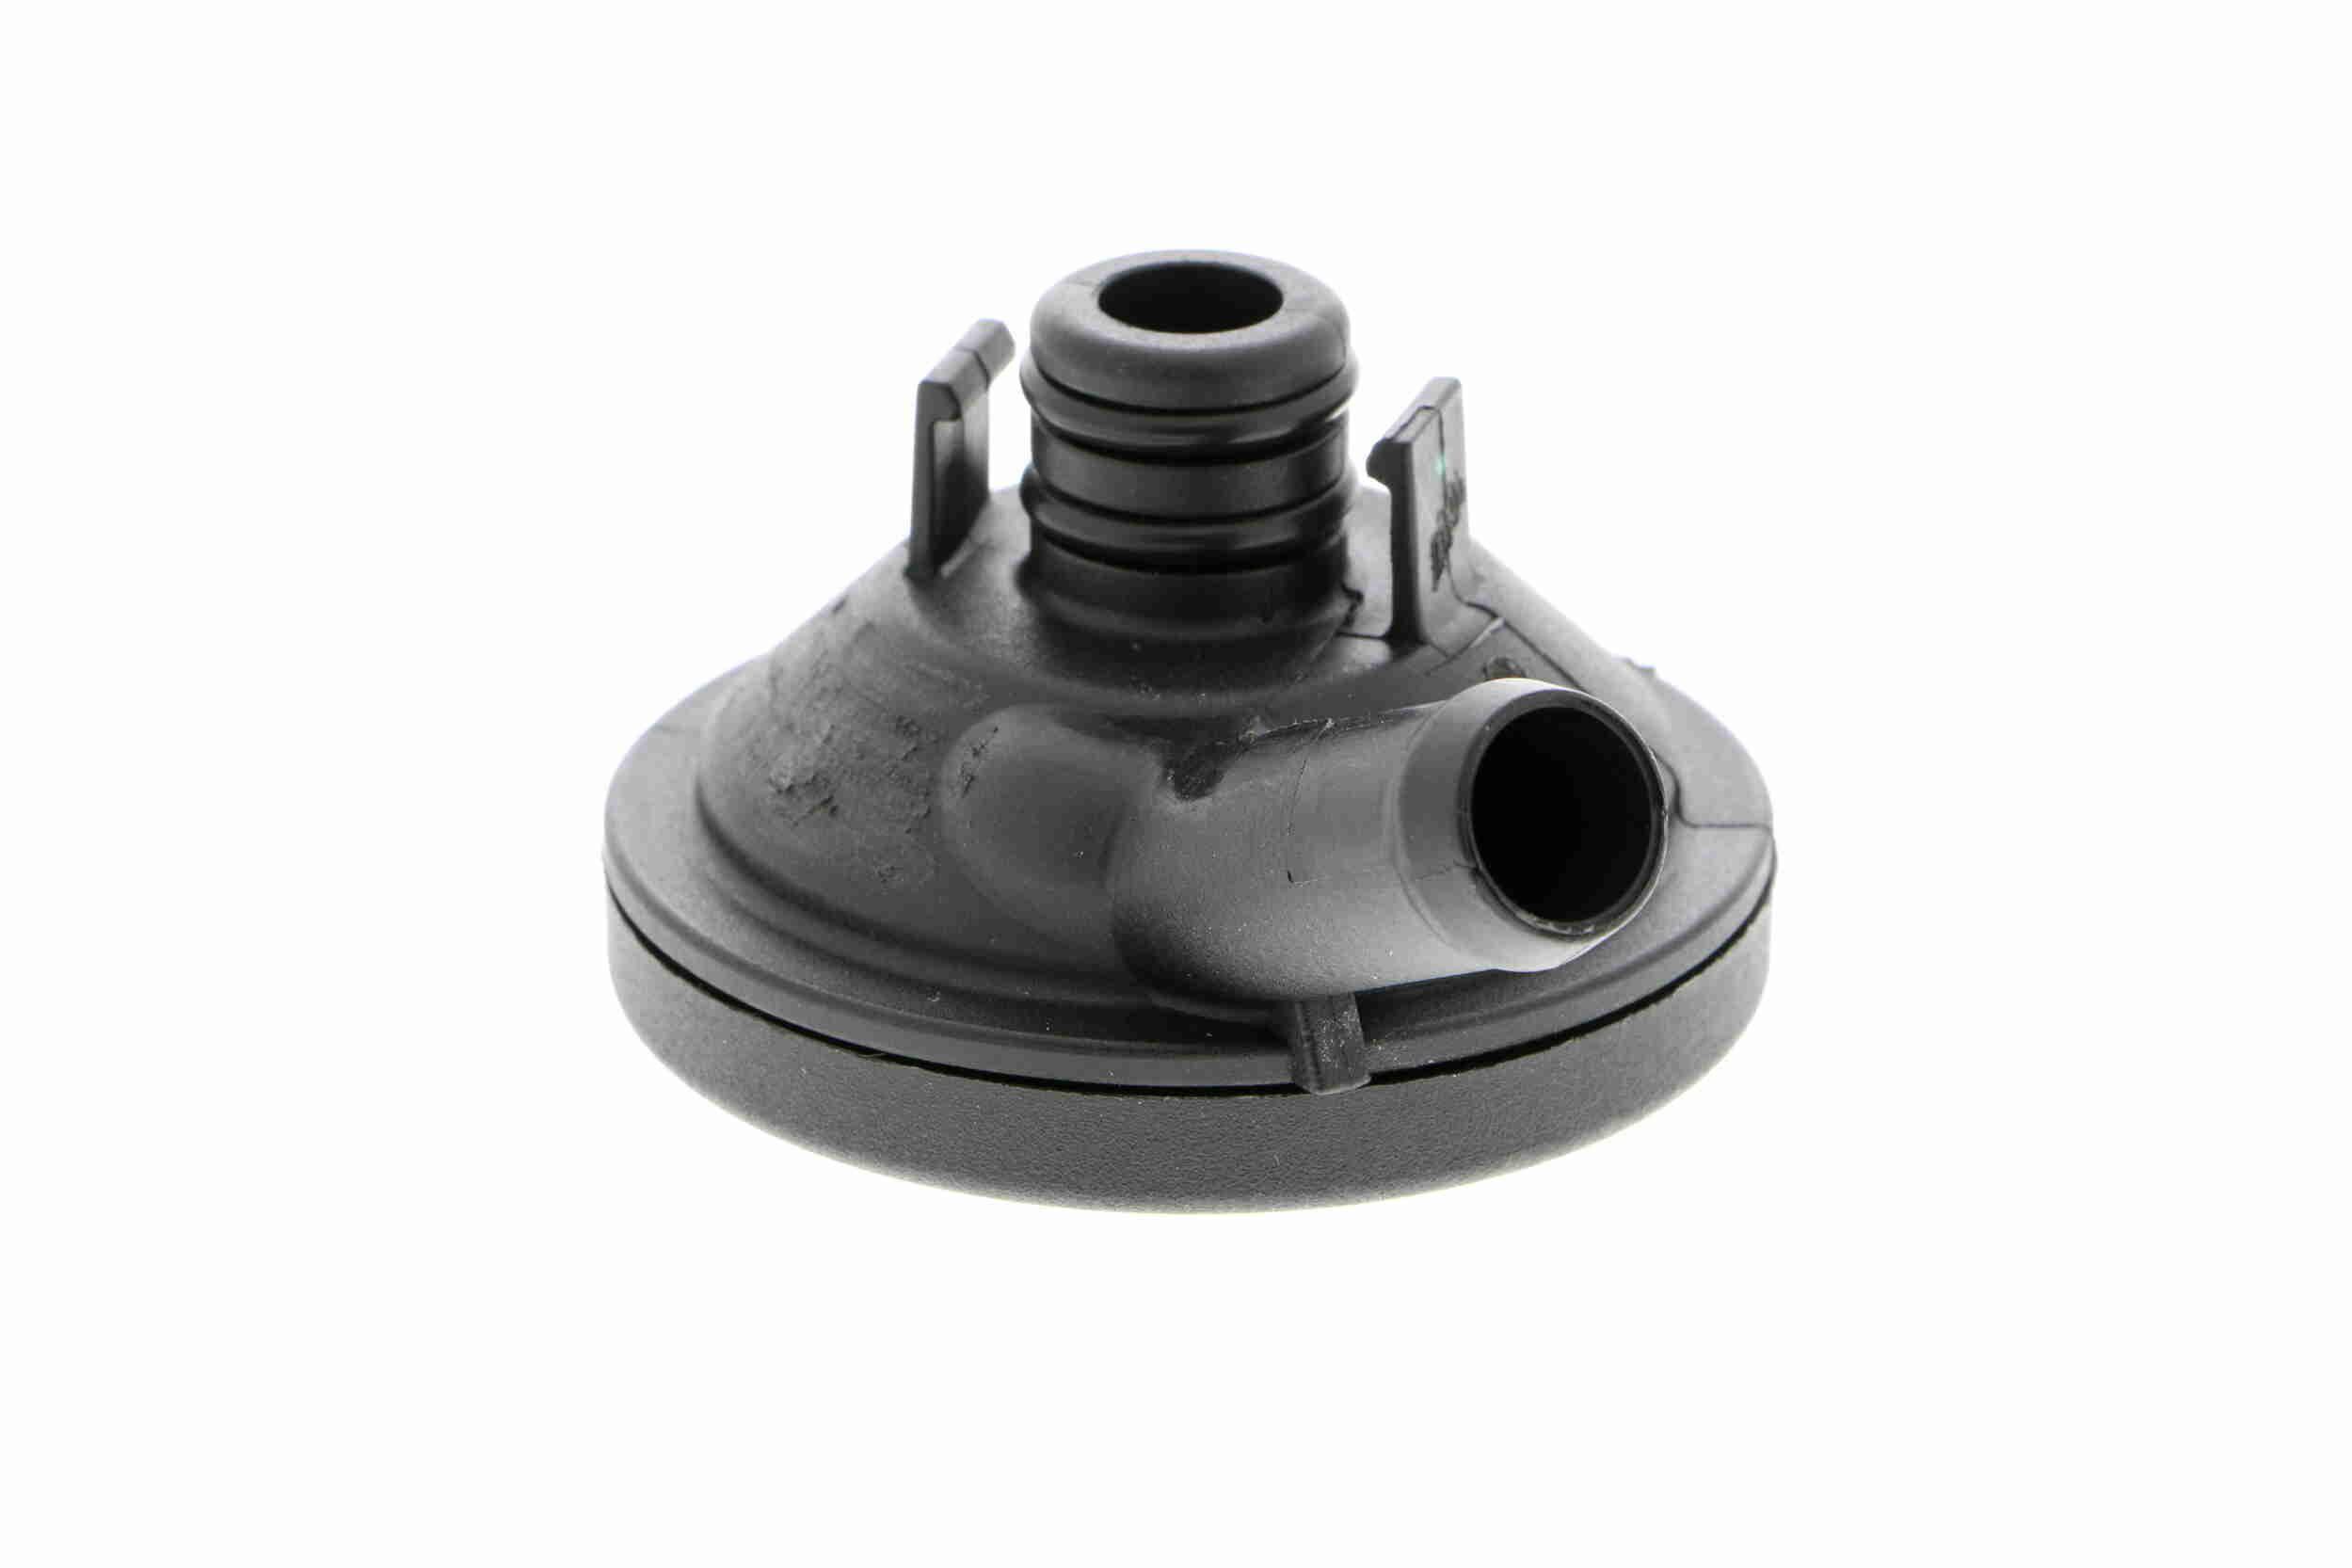 V46-0845 VAICO motorseitig, mit Dichtring, Original VAICO Qualität Ölabscheider, Kurbelgehäuseentlüftung V46-0845 günstig kaufen